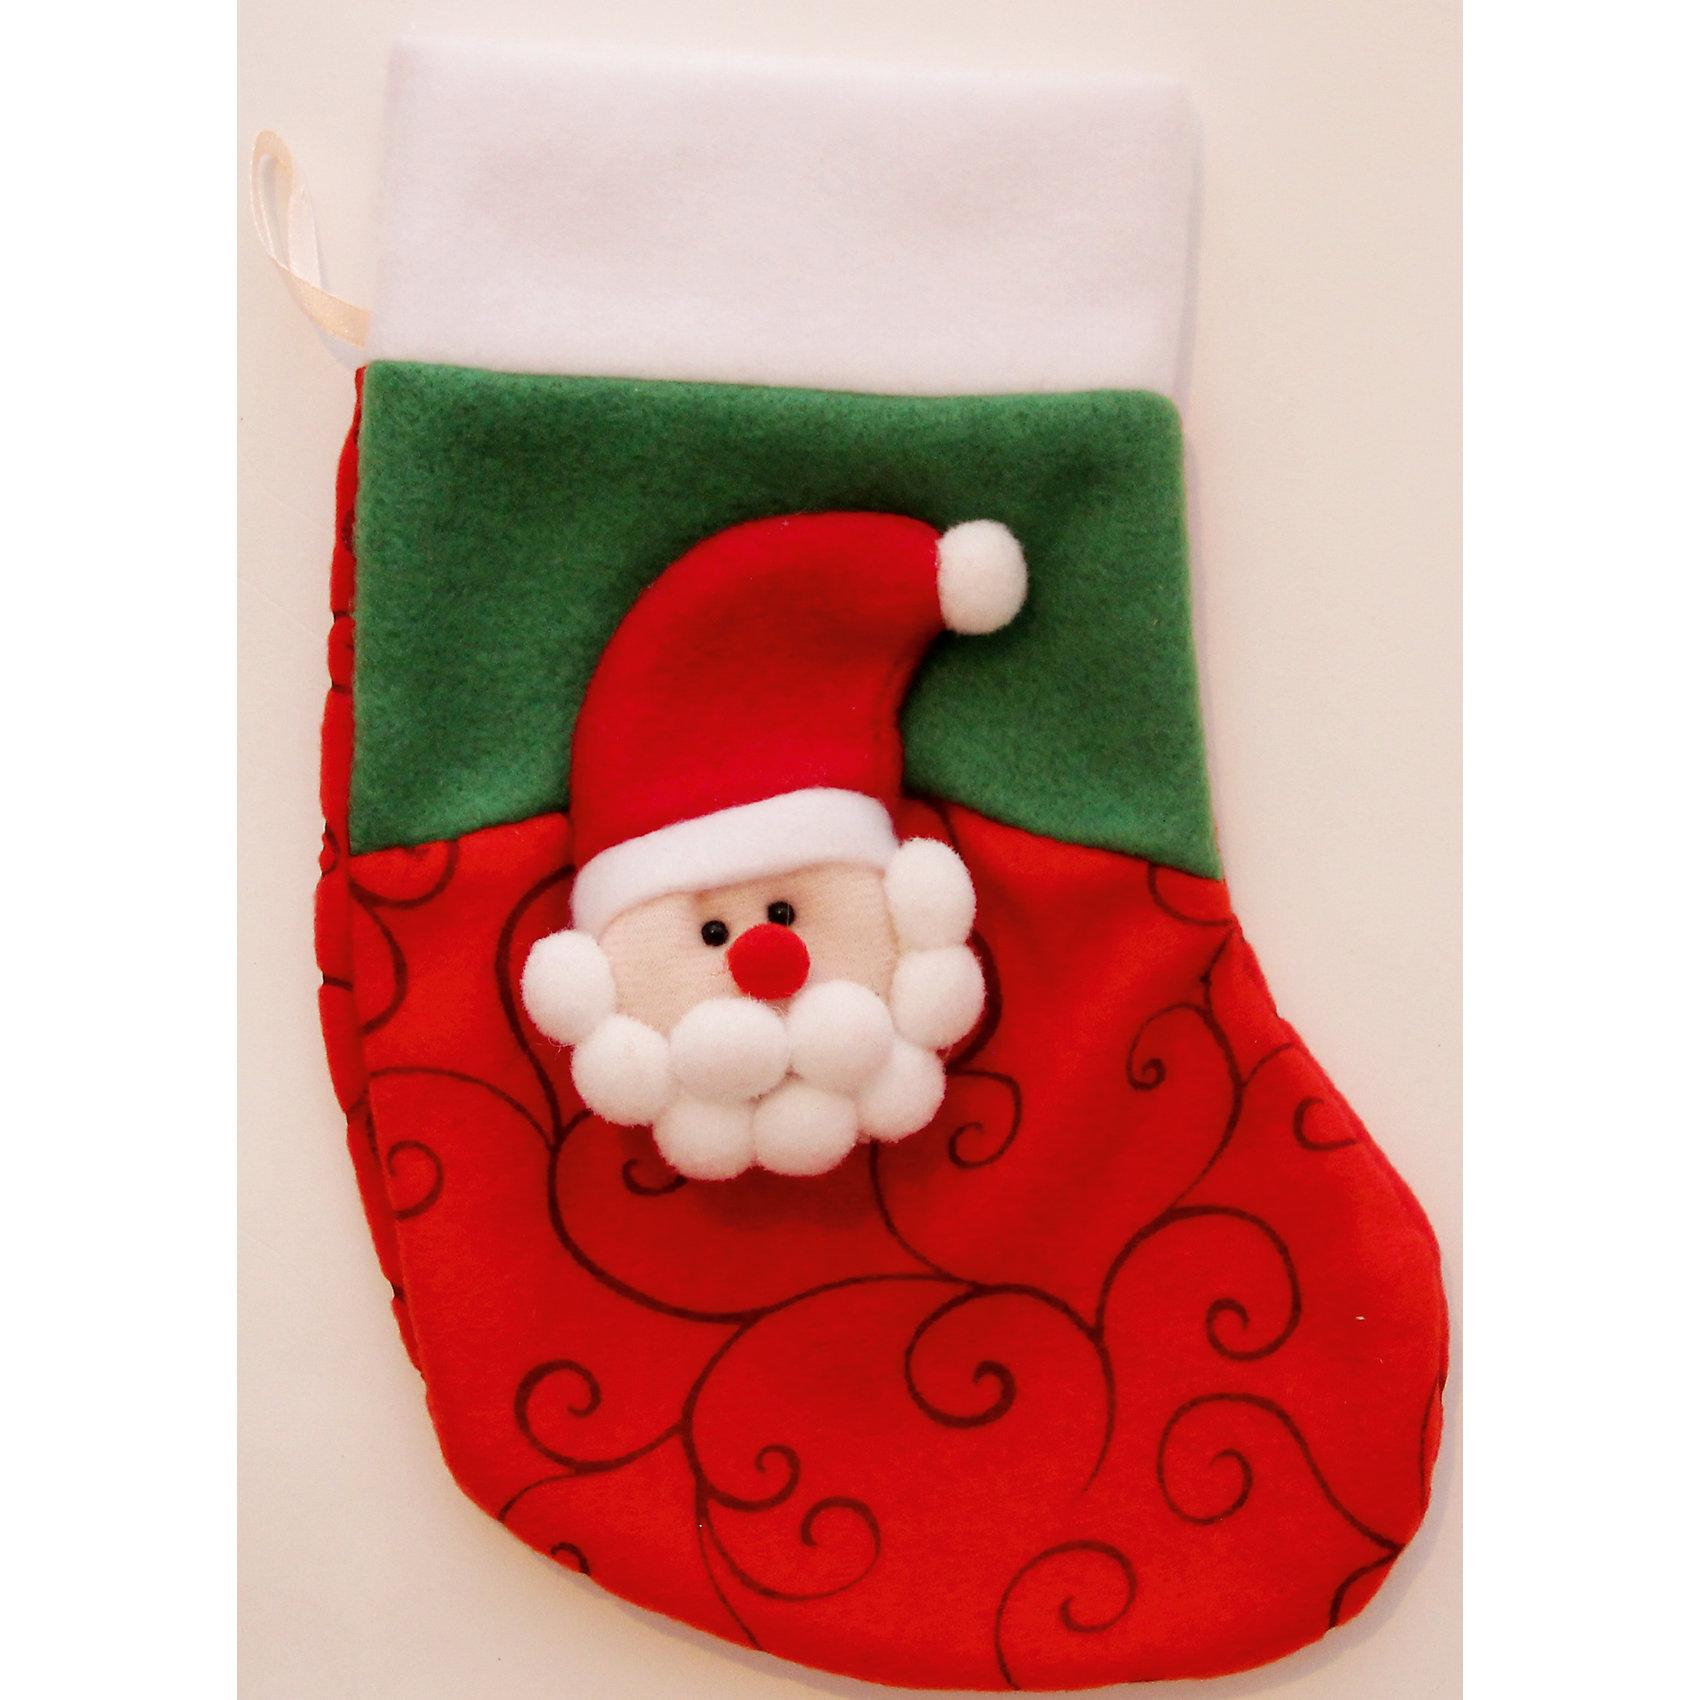 Новогоднее подвесное украшение Дед Мороз Узорный КрасныйЁлочные игрушки<br>Украшение новогоднее подвесное Дед Мороз Узорный Красный арт.42521 из полиэстра / 24x13,5<br><br>Ширина мм: 240<br>Глубина мм: 135<br>Высота мм: 10<br>Вес г: 33<br>Возраст от месяцев: 60<br>Возраст до месяцев: 600<br>Пол: Унисекс<br>Возраст: Детский<br>SKU: 5144631